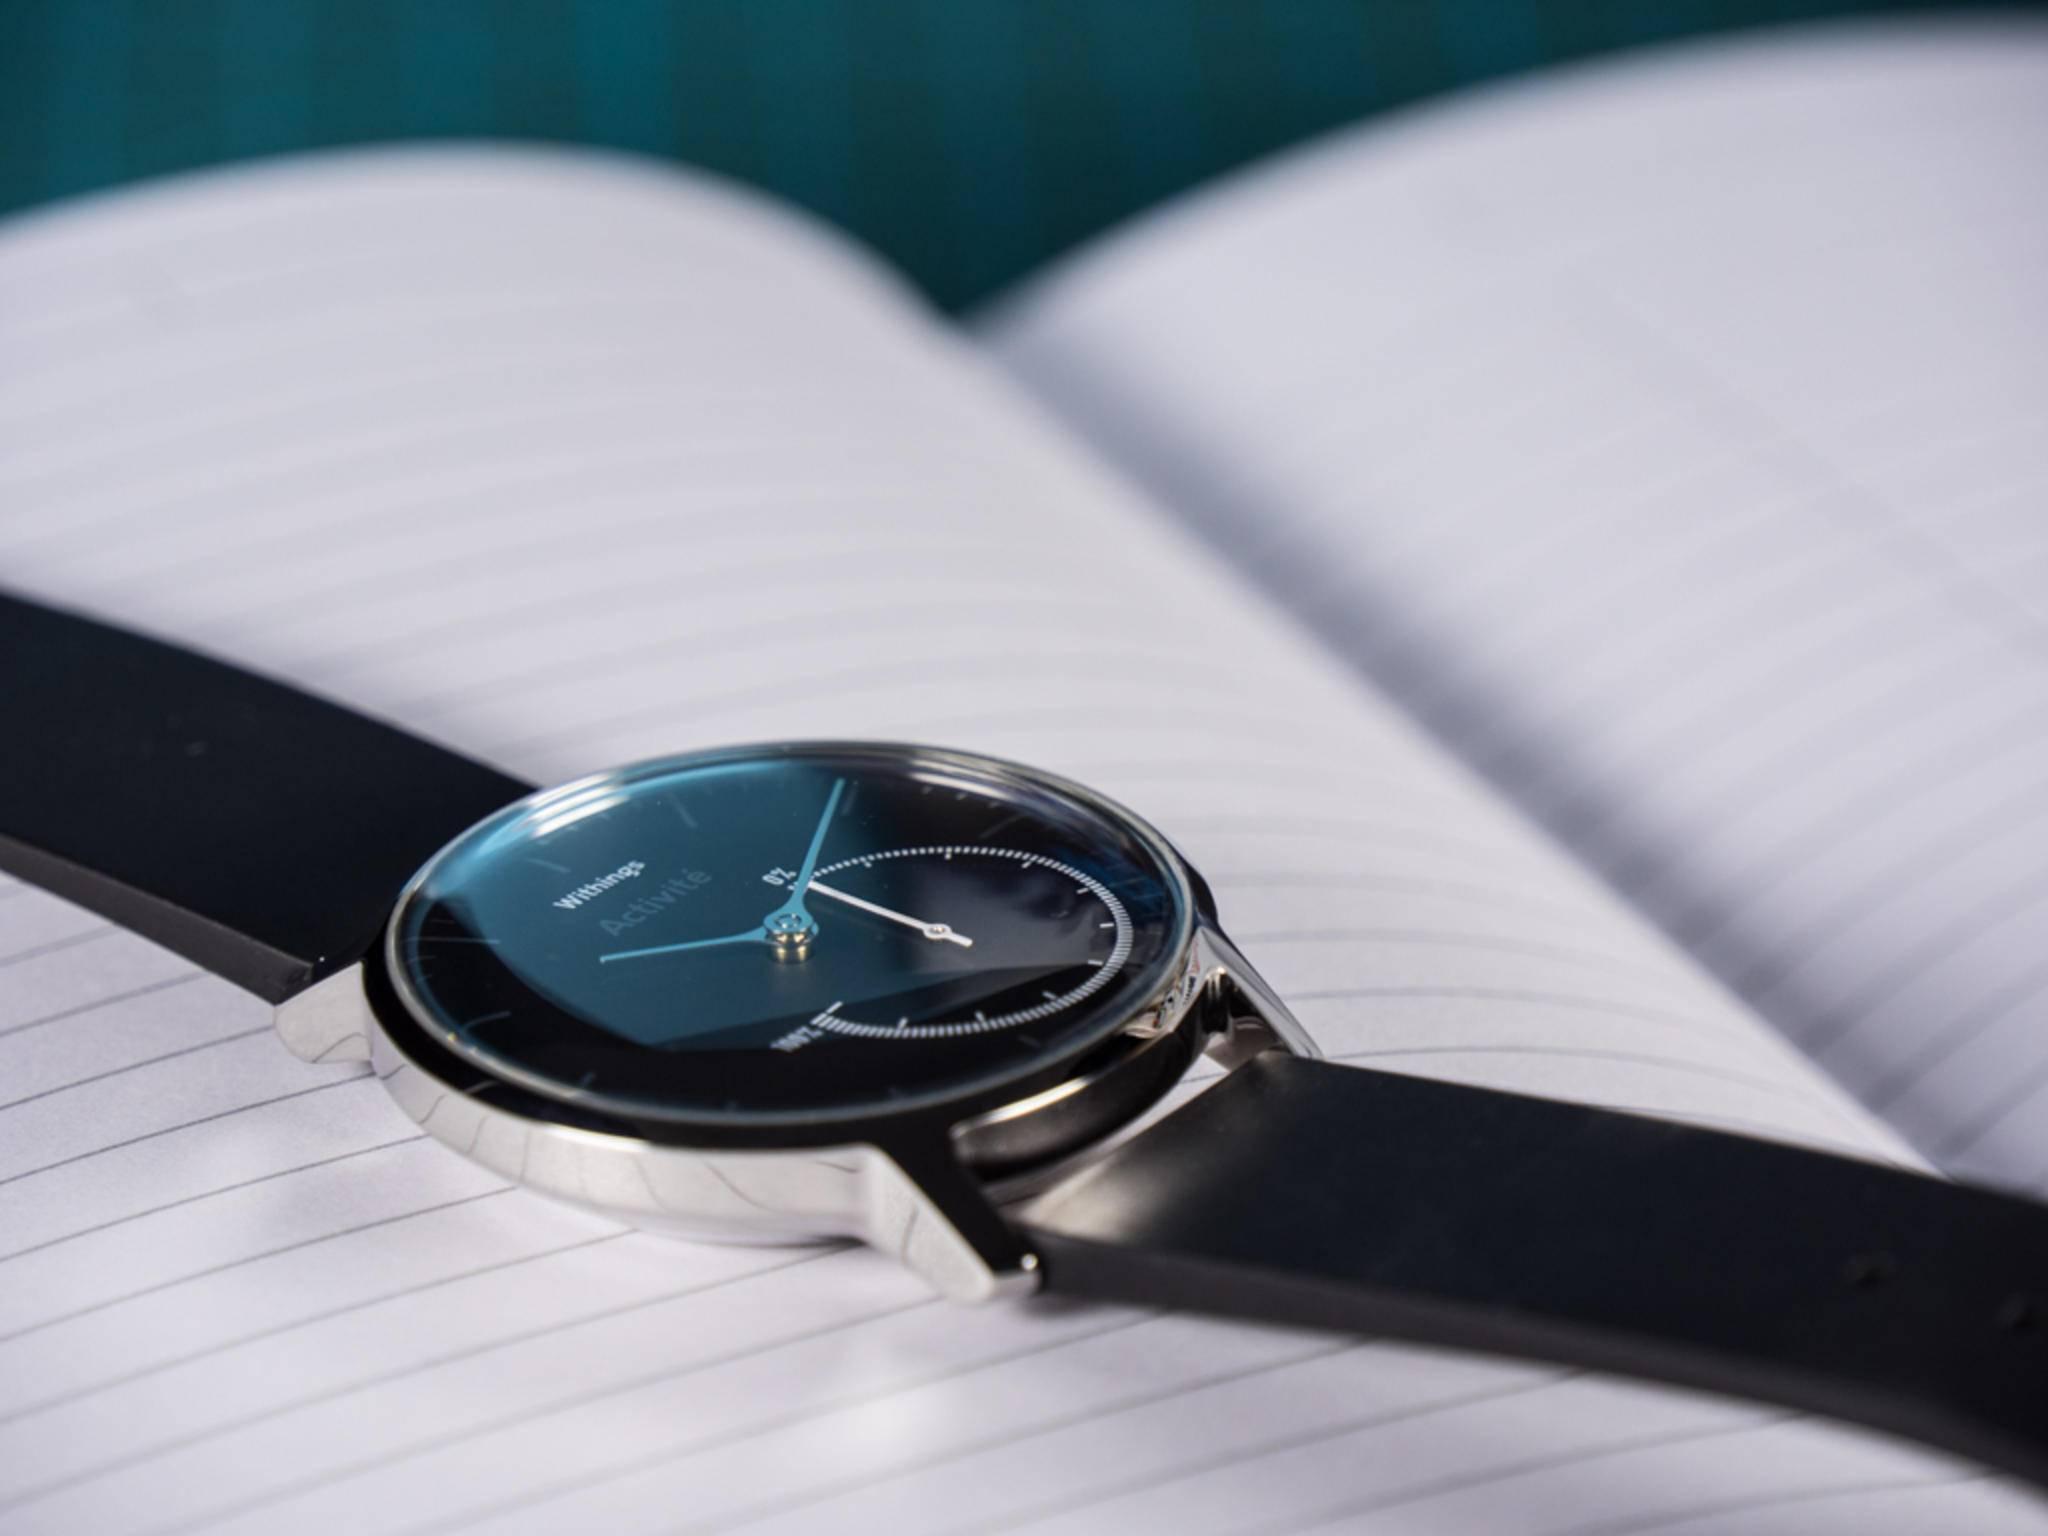 Ziemlich edel für eine Fitness-Uhr: Die Withings Activité Steel.